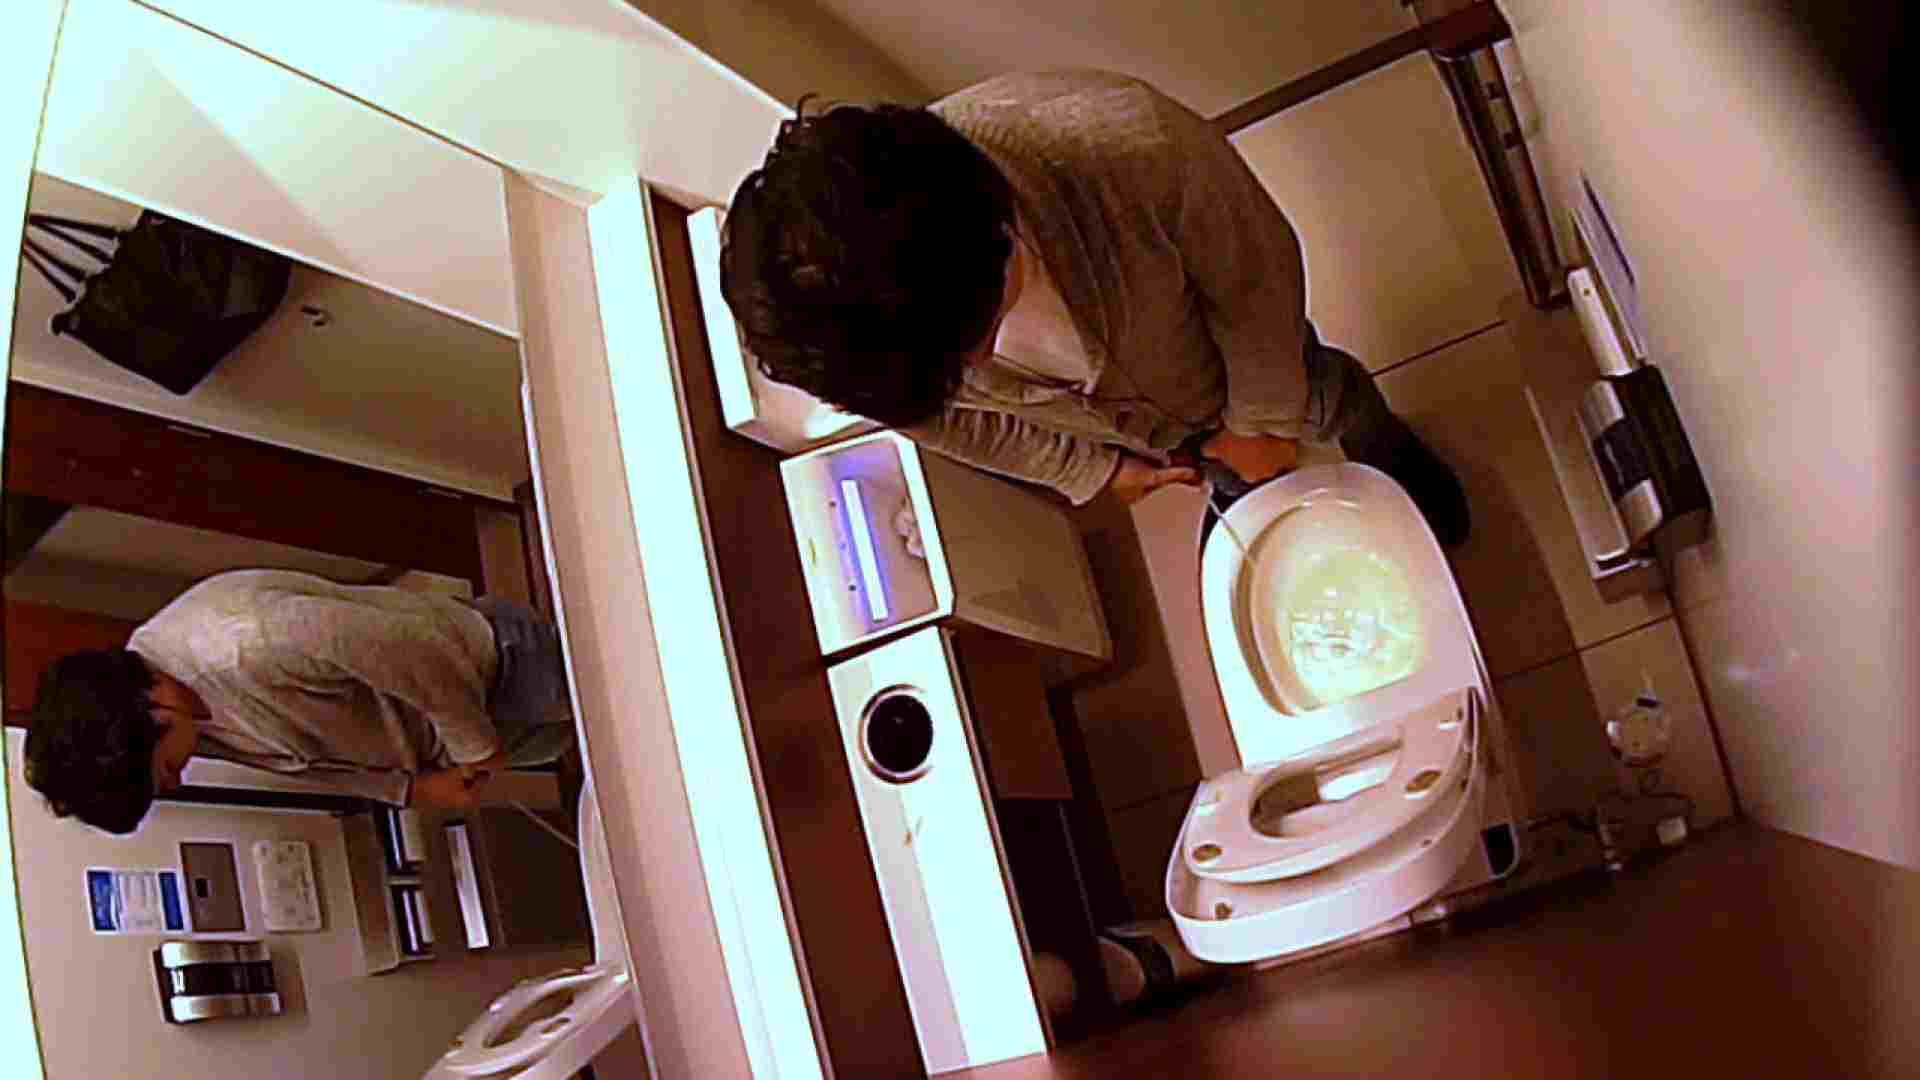 すみませんが覗かせてください Vol.30 トイレ | 0  100連発 19